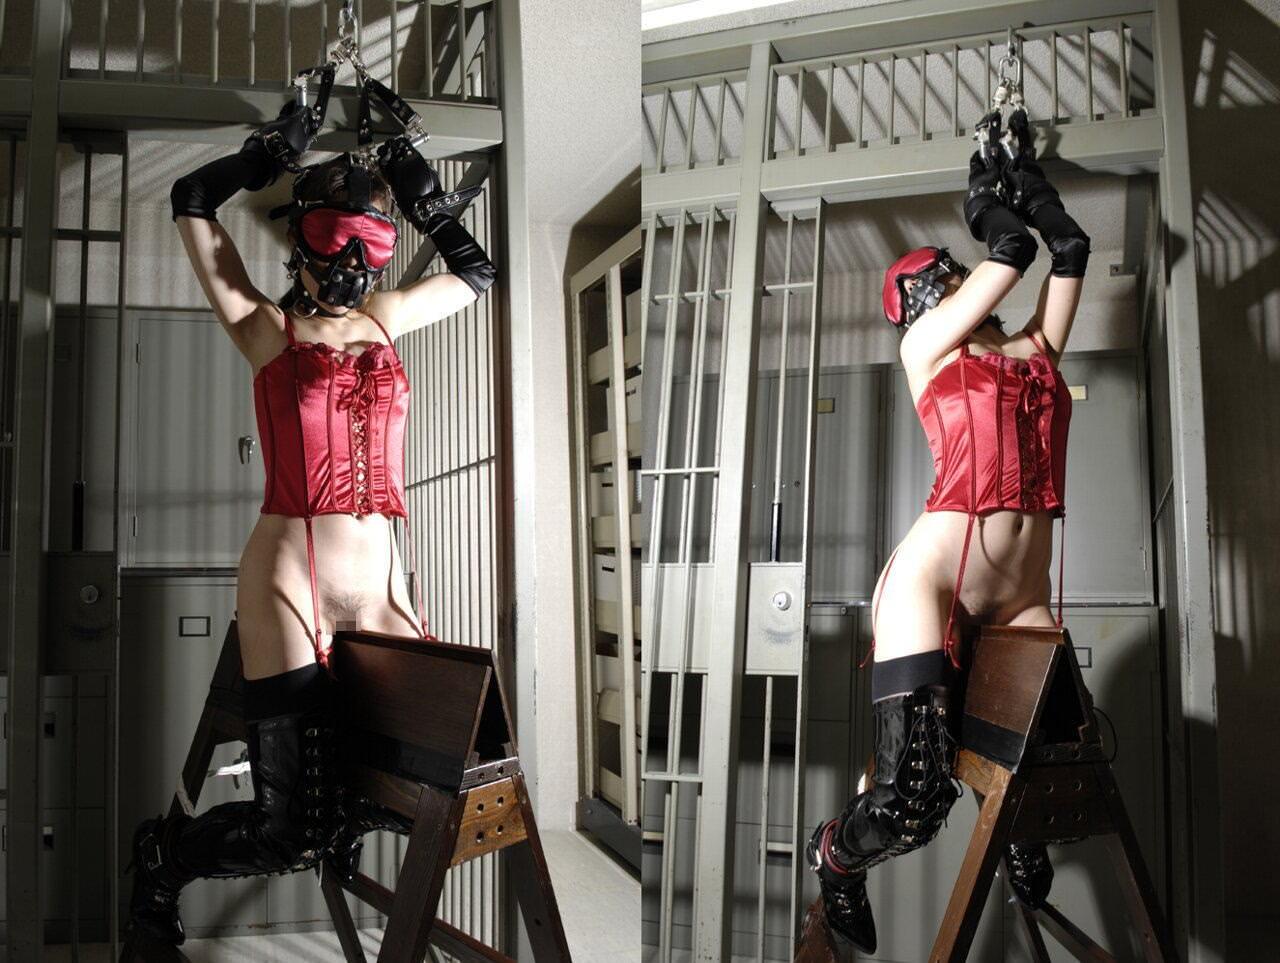 三角木馬で調教されてる美女がガチ絶叫wwwwの拷問SMエロ画像 479